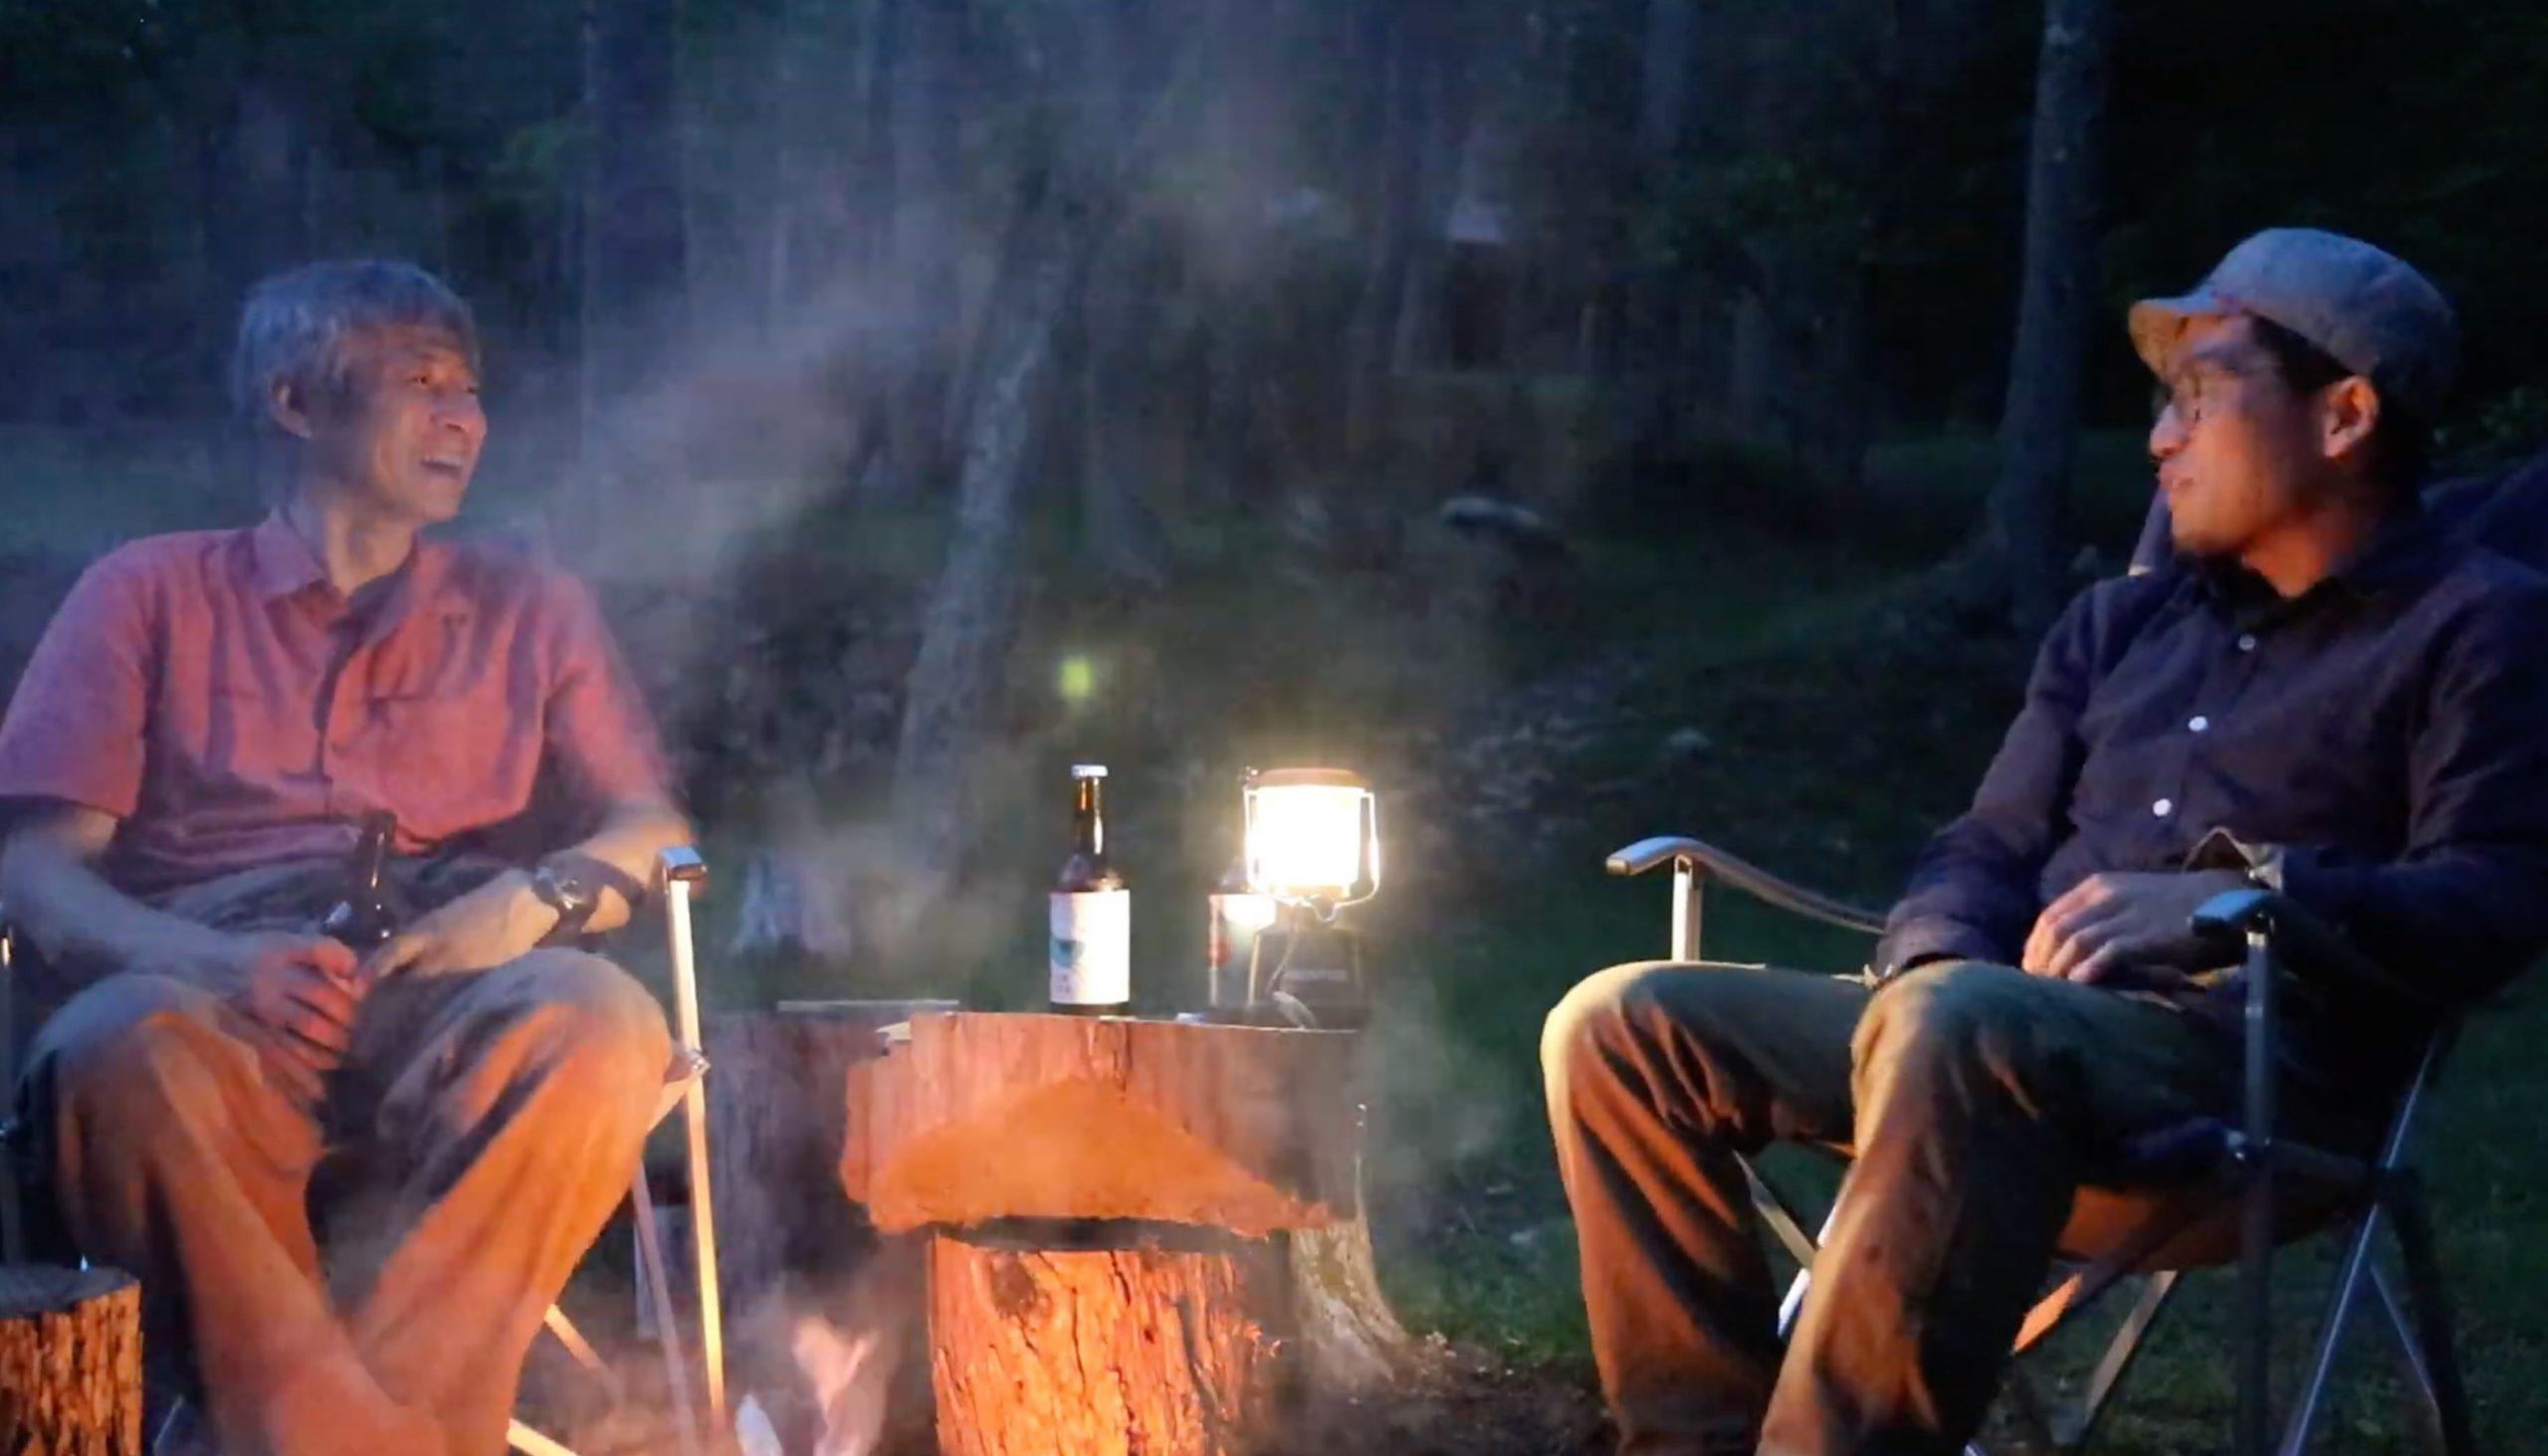 LNTがキャンプ場ビジネスを変える-四徳温泉キャンプ場と歩んだ2年間-